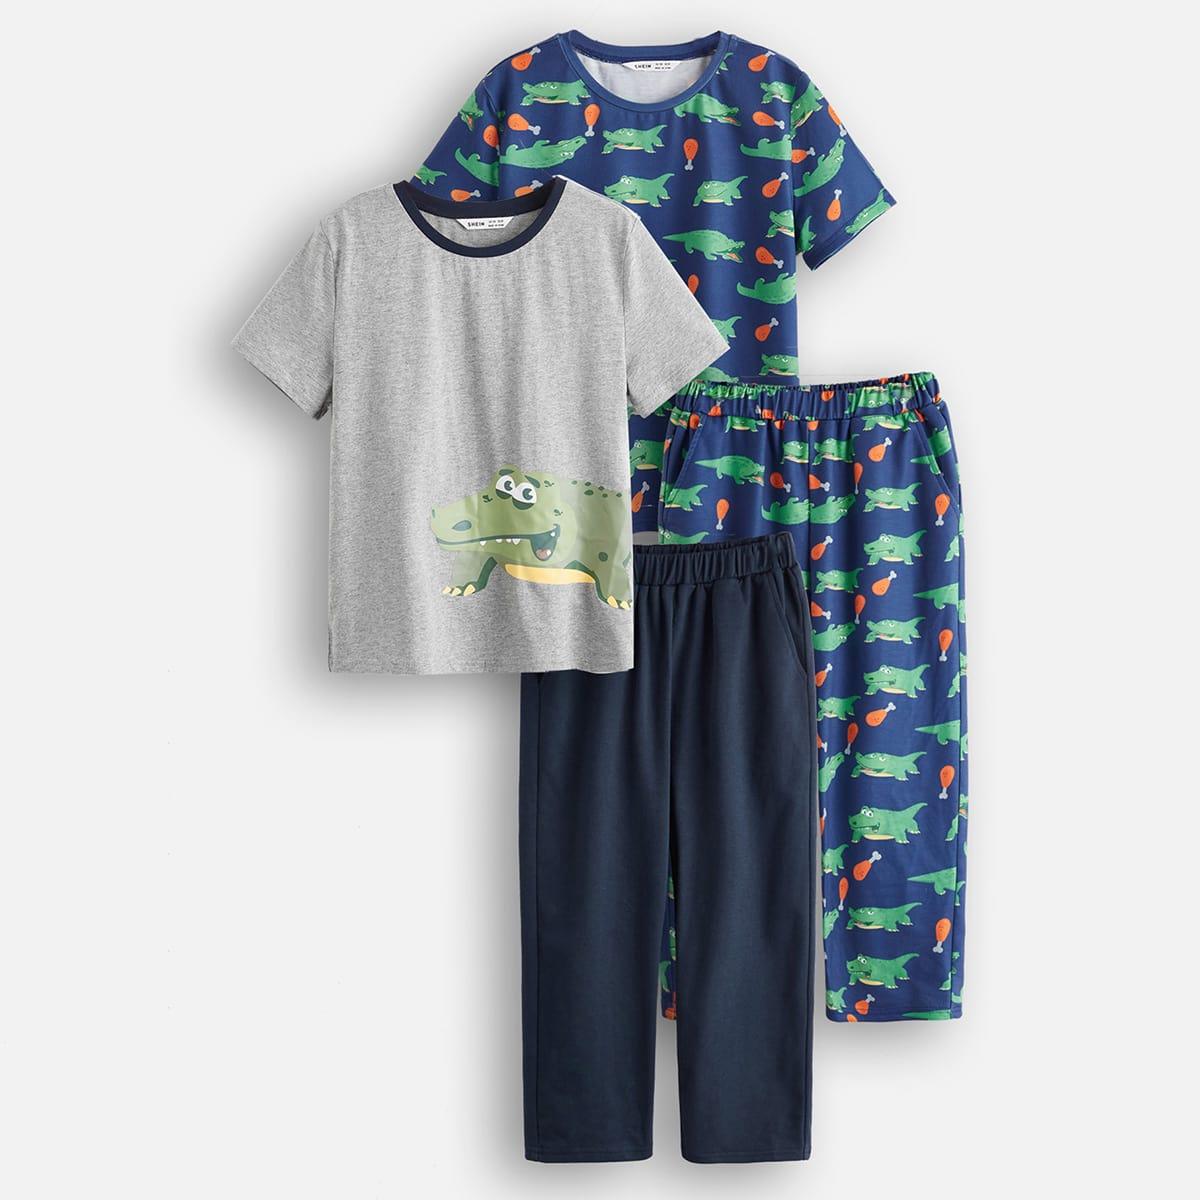 2шт пижама с принтом крокодила для мальчиков